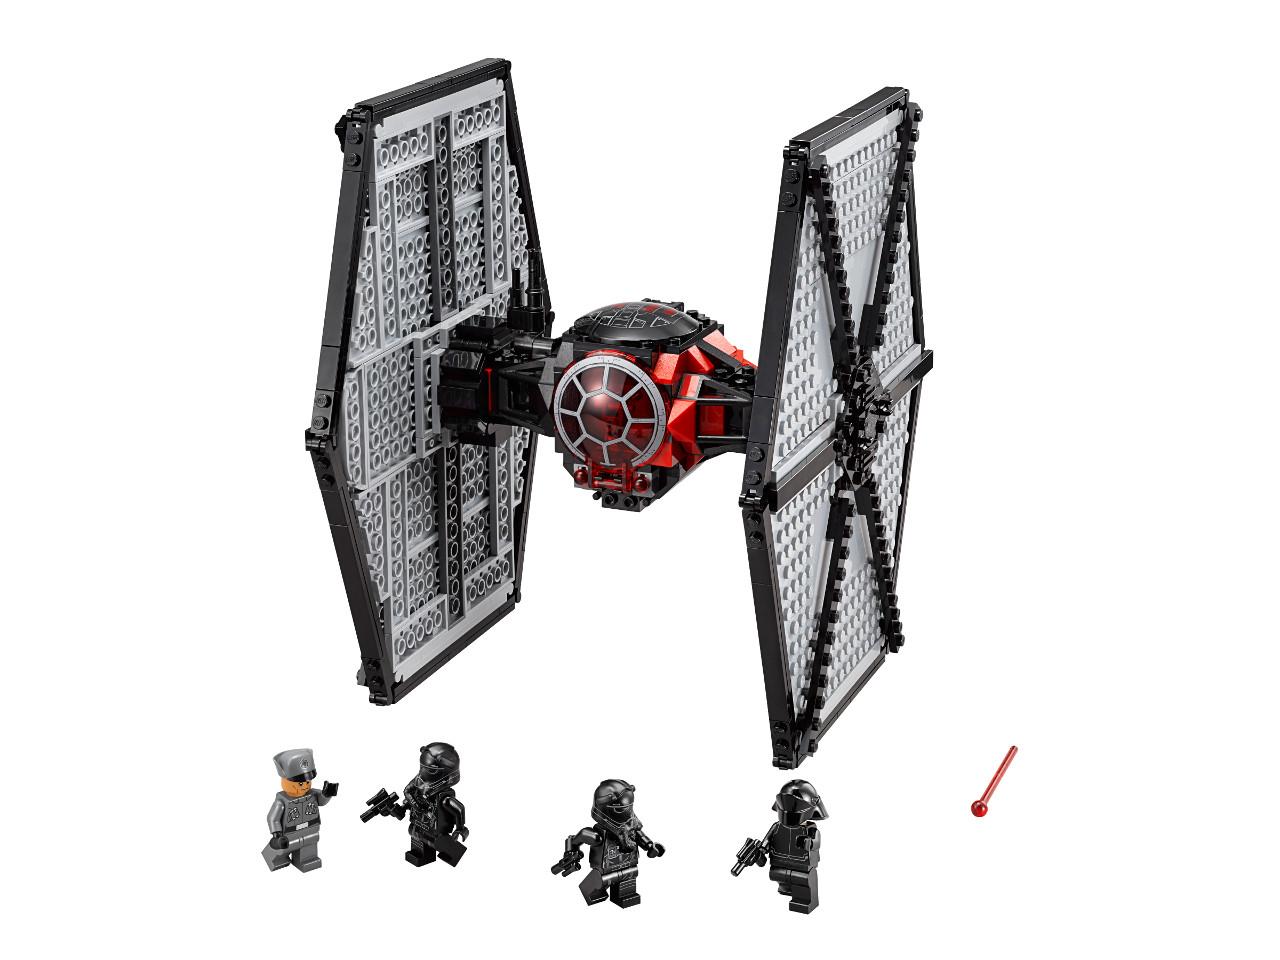 LEGO Star Wars 75101 First Order Special Forces TIE fighter (Stíhačka TIE speciálních jednotek Prvního řádu)